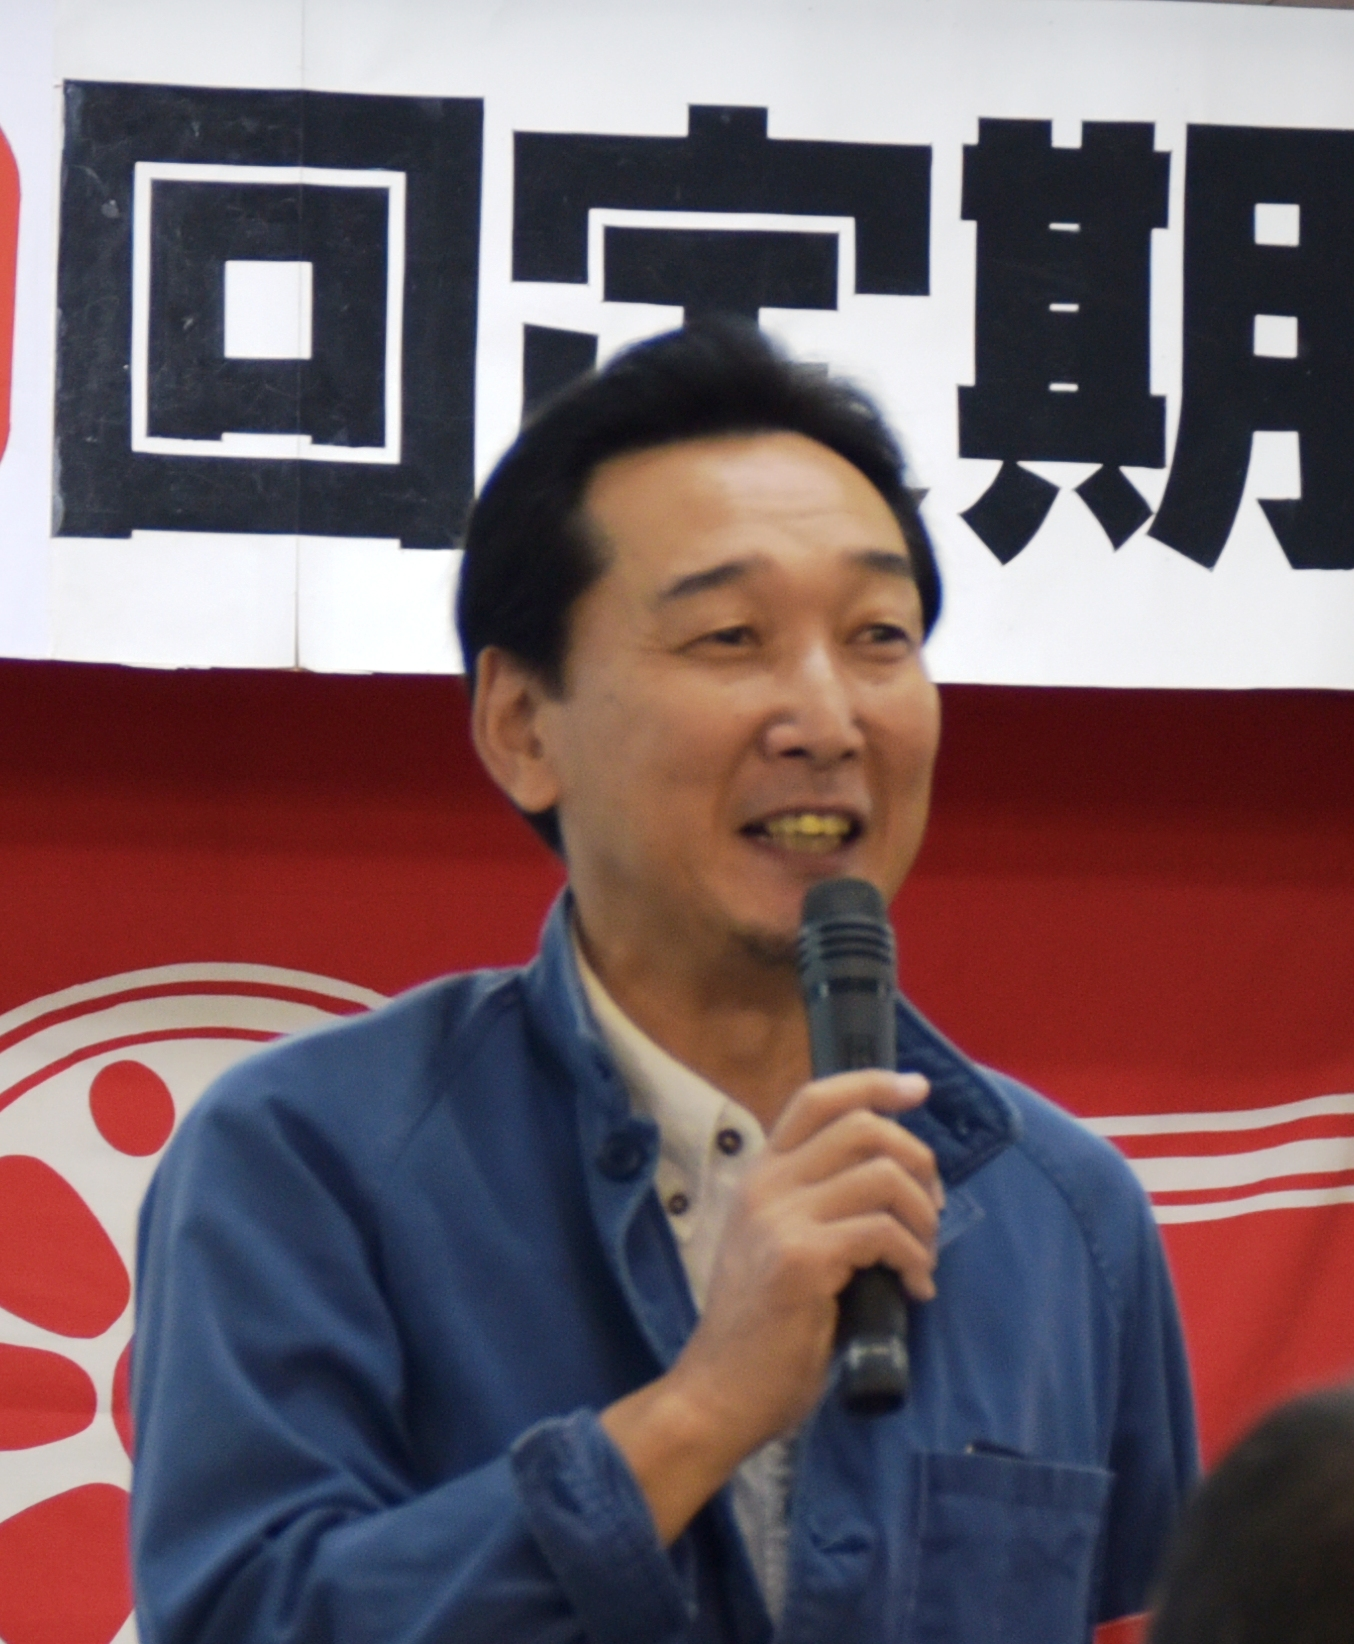 一糸乱れぬ団結で闘おう! 関 道利 動労千葉新委員長の決意